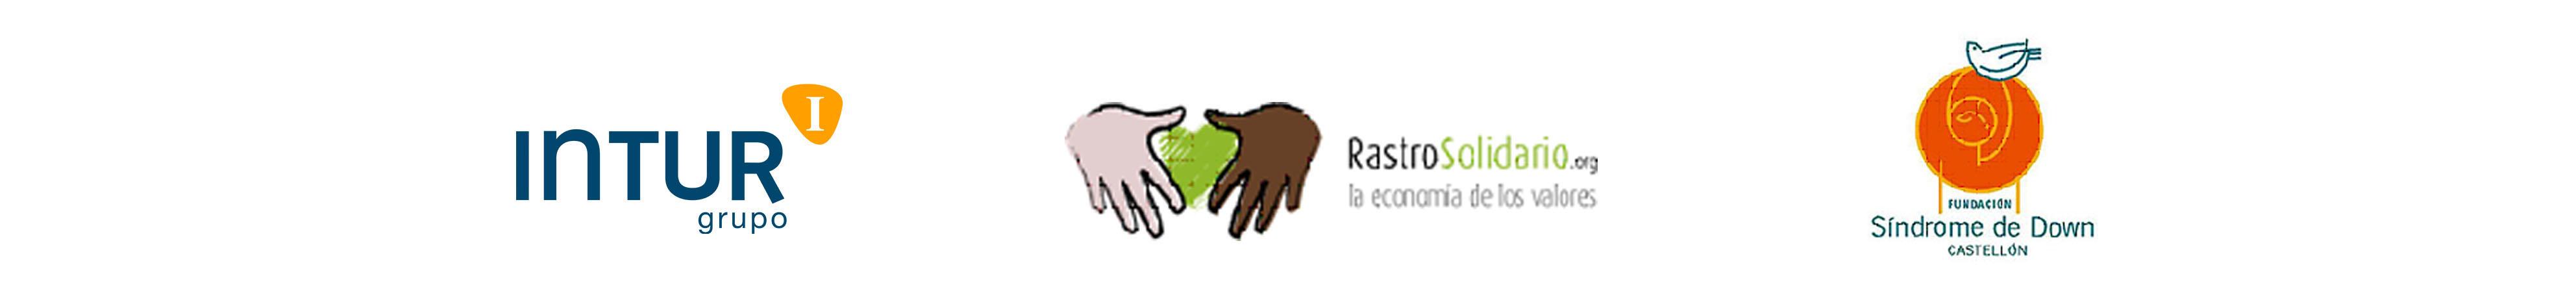 Acuerdo Rastrosolidario_ Grupo Intur_Fundación Síndrome Down